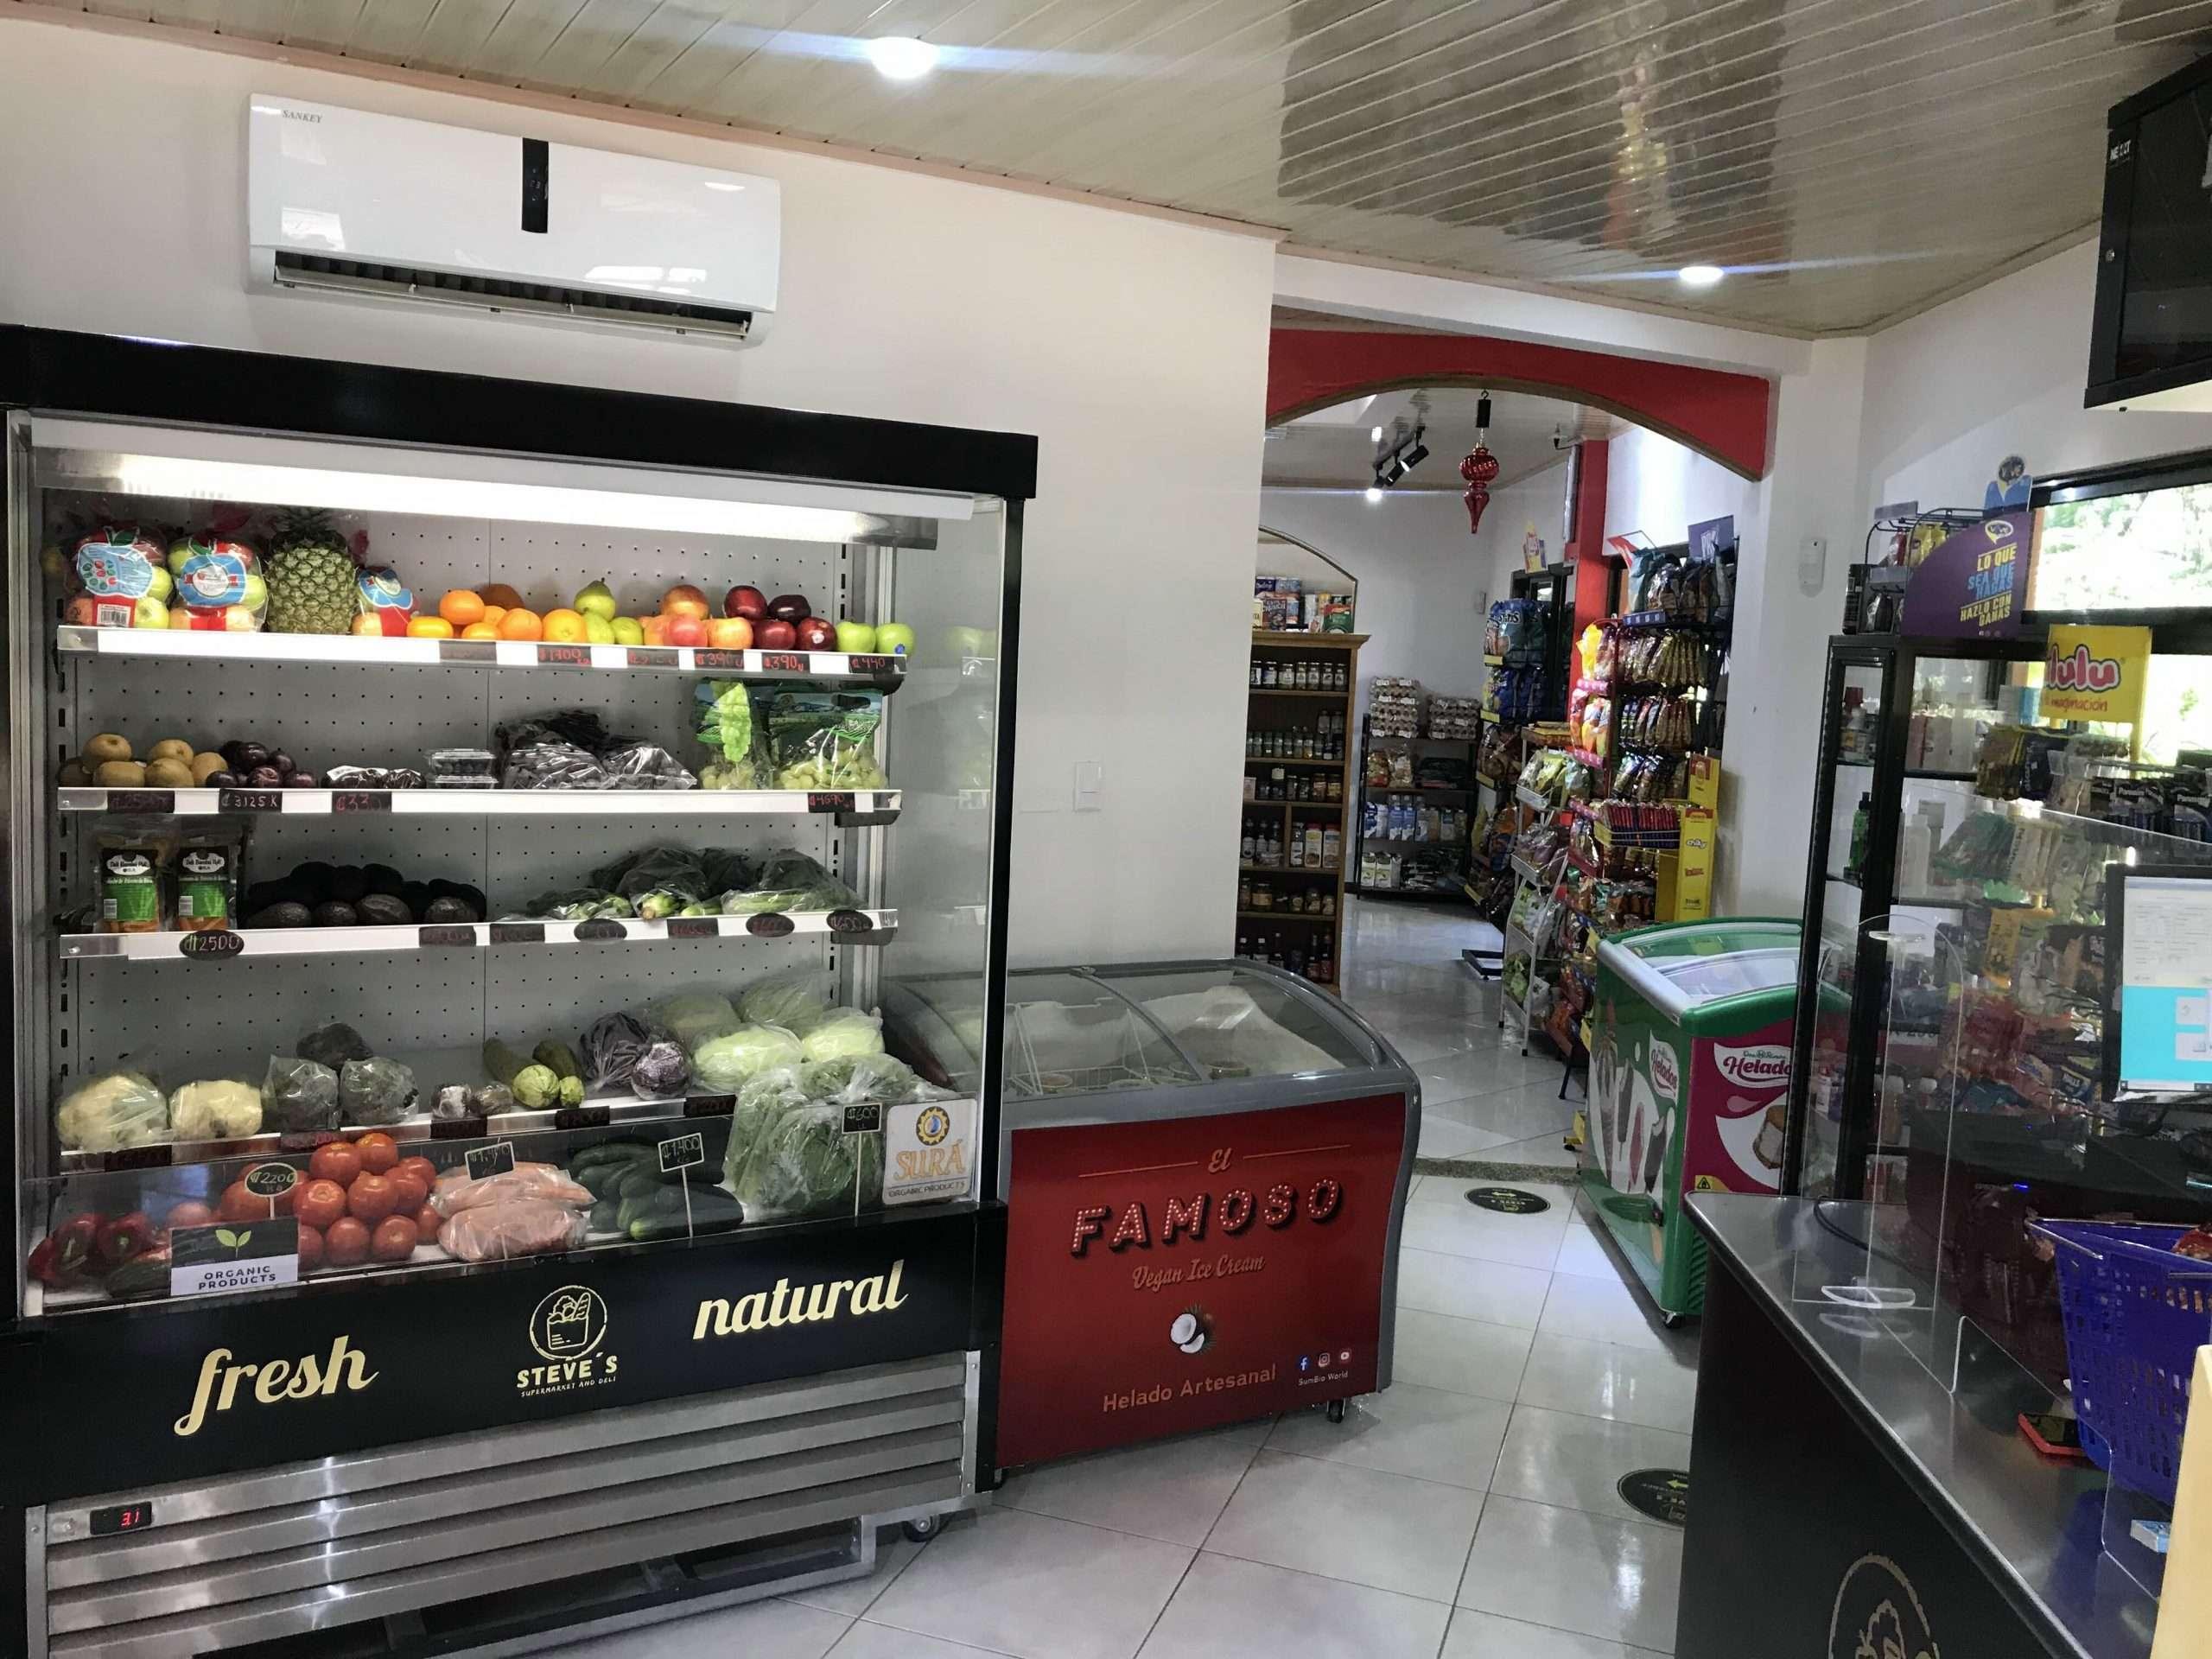 Steve´s Supermarket